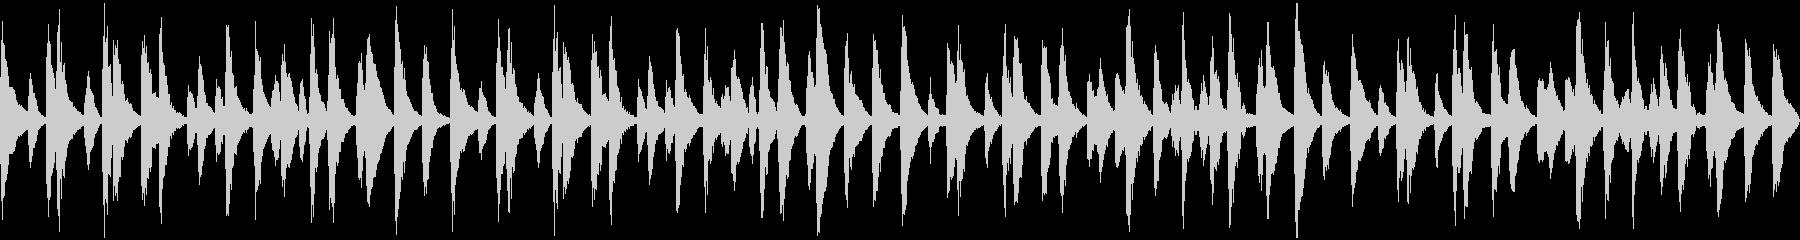 ほのぼのとしたBGM 日常・のんびりの未再生の波形